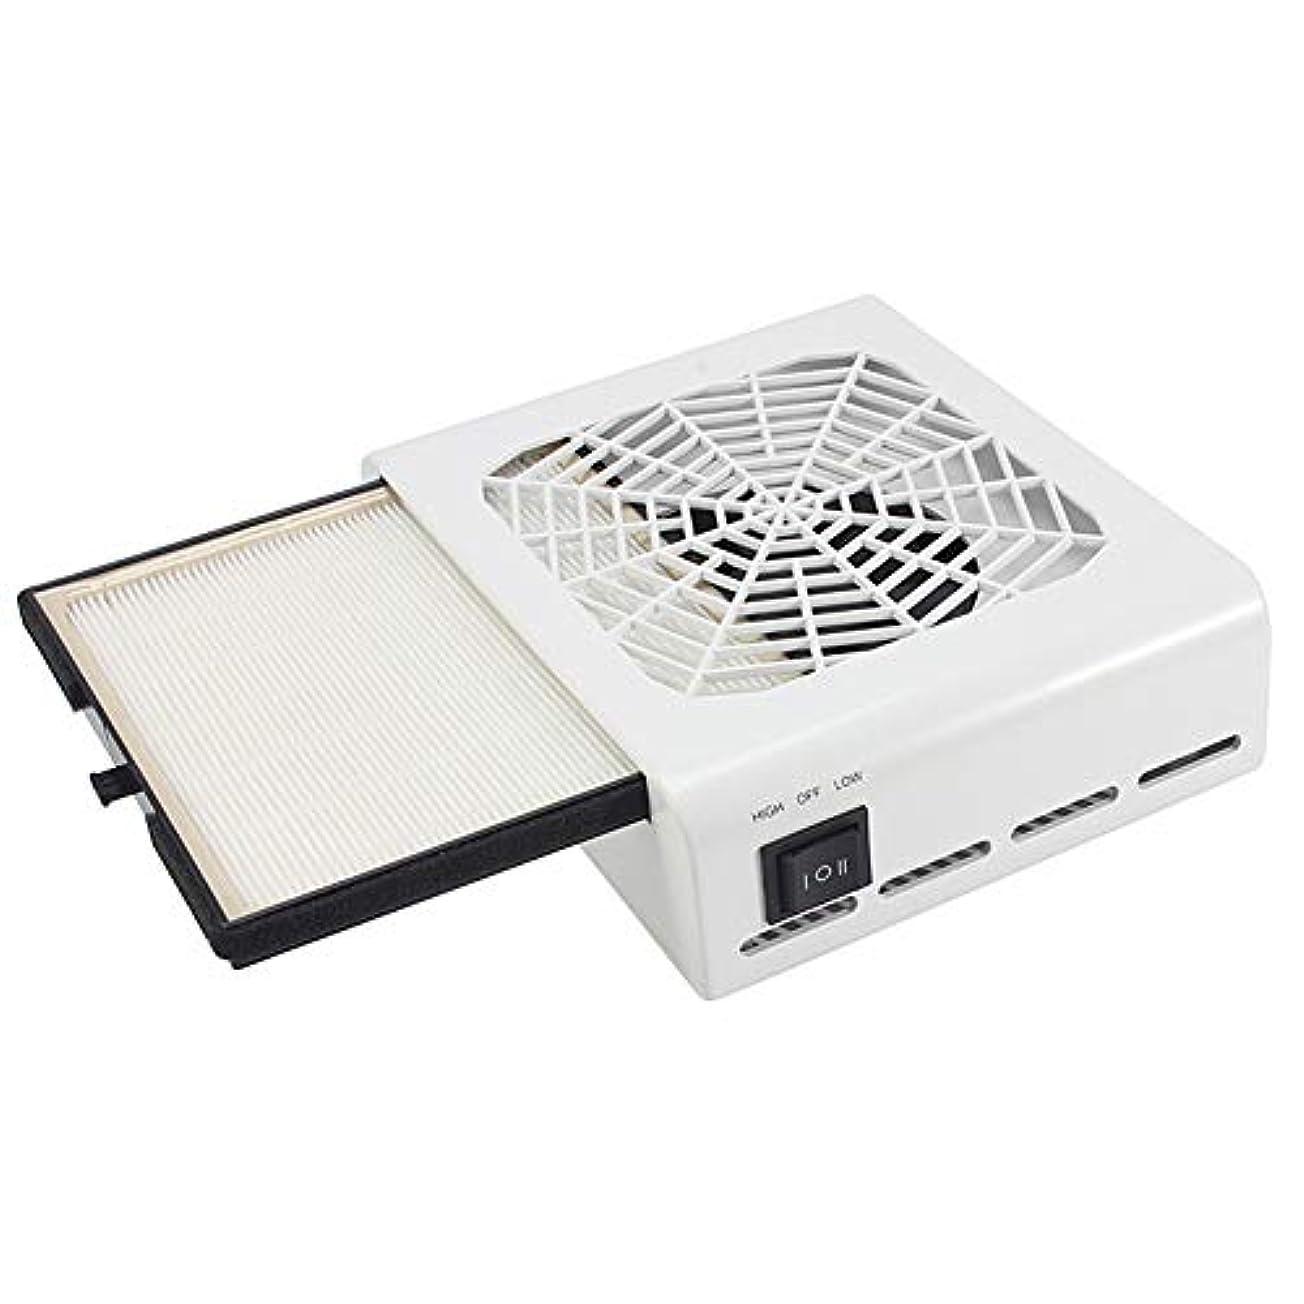 削除するコットンライター45W ネイルダストコレクター強力なパワーネイルファンアートサロンサクション集塵機マシン真空クリーナーファンネイルダストサクション